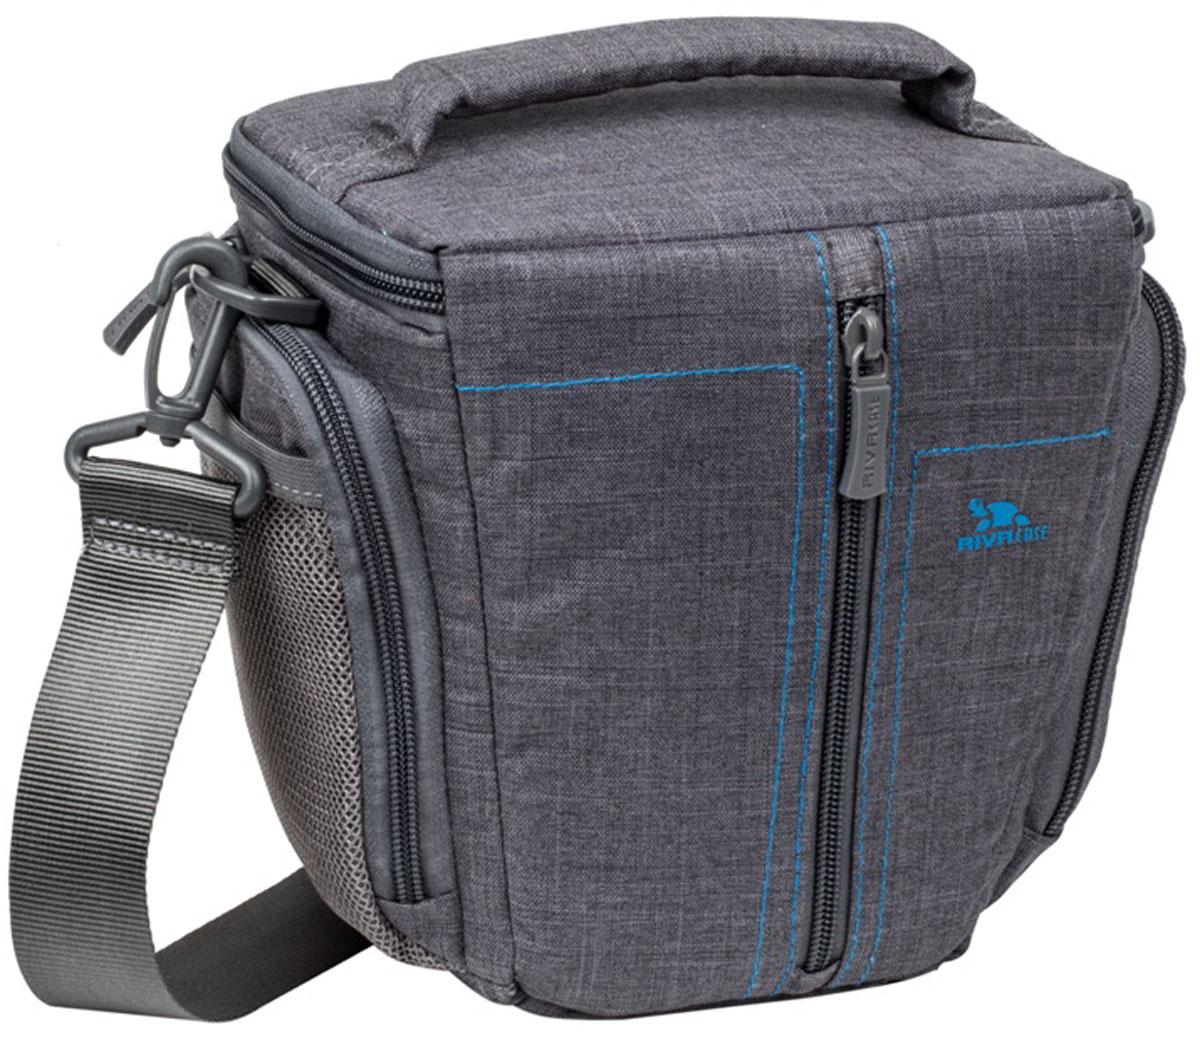 Riva 7501 SLR Canvas Case, Grey сумка для зеркальной фотокамеры - Сумки и рюкзаки